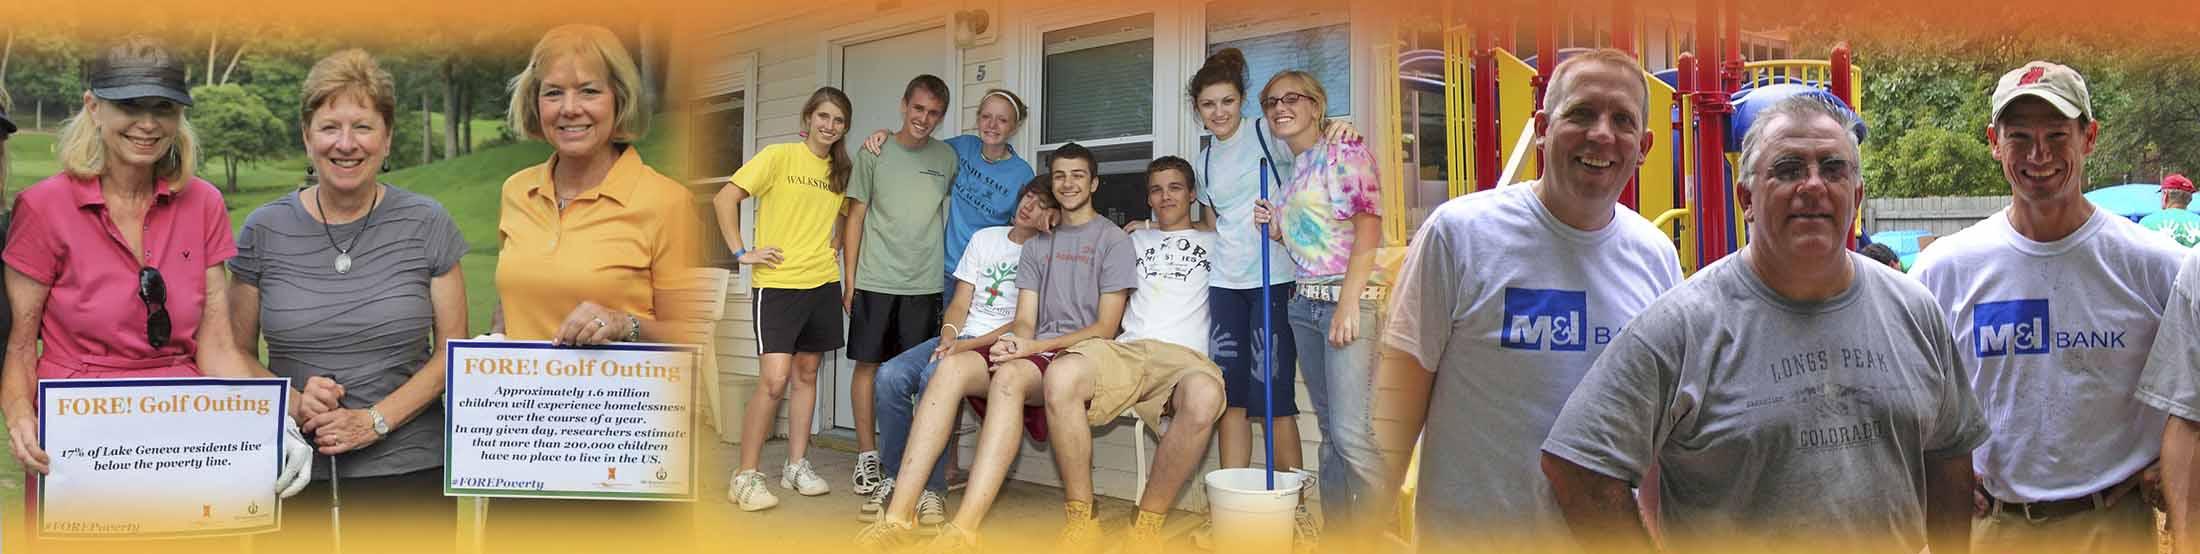 Community-Action-Beloit-Wisconsin-volunteer1